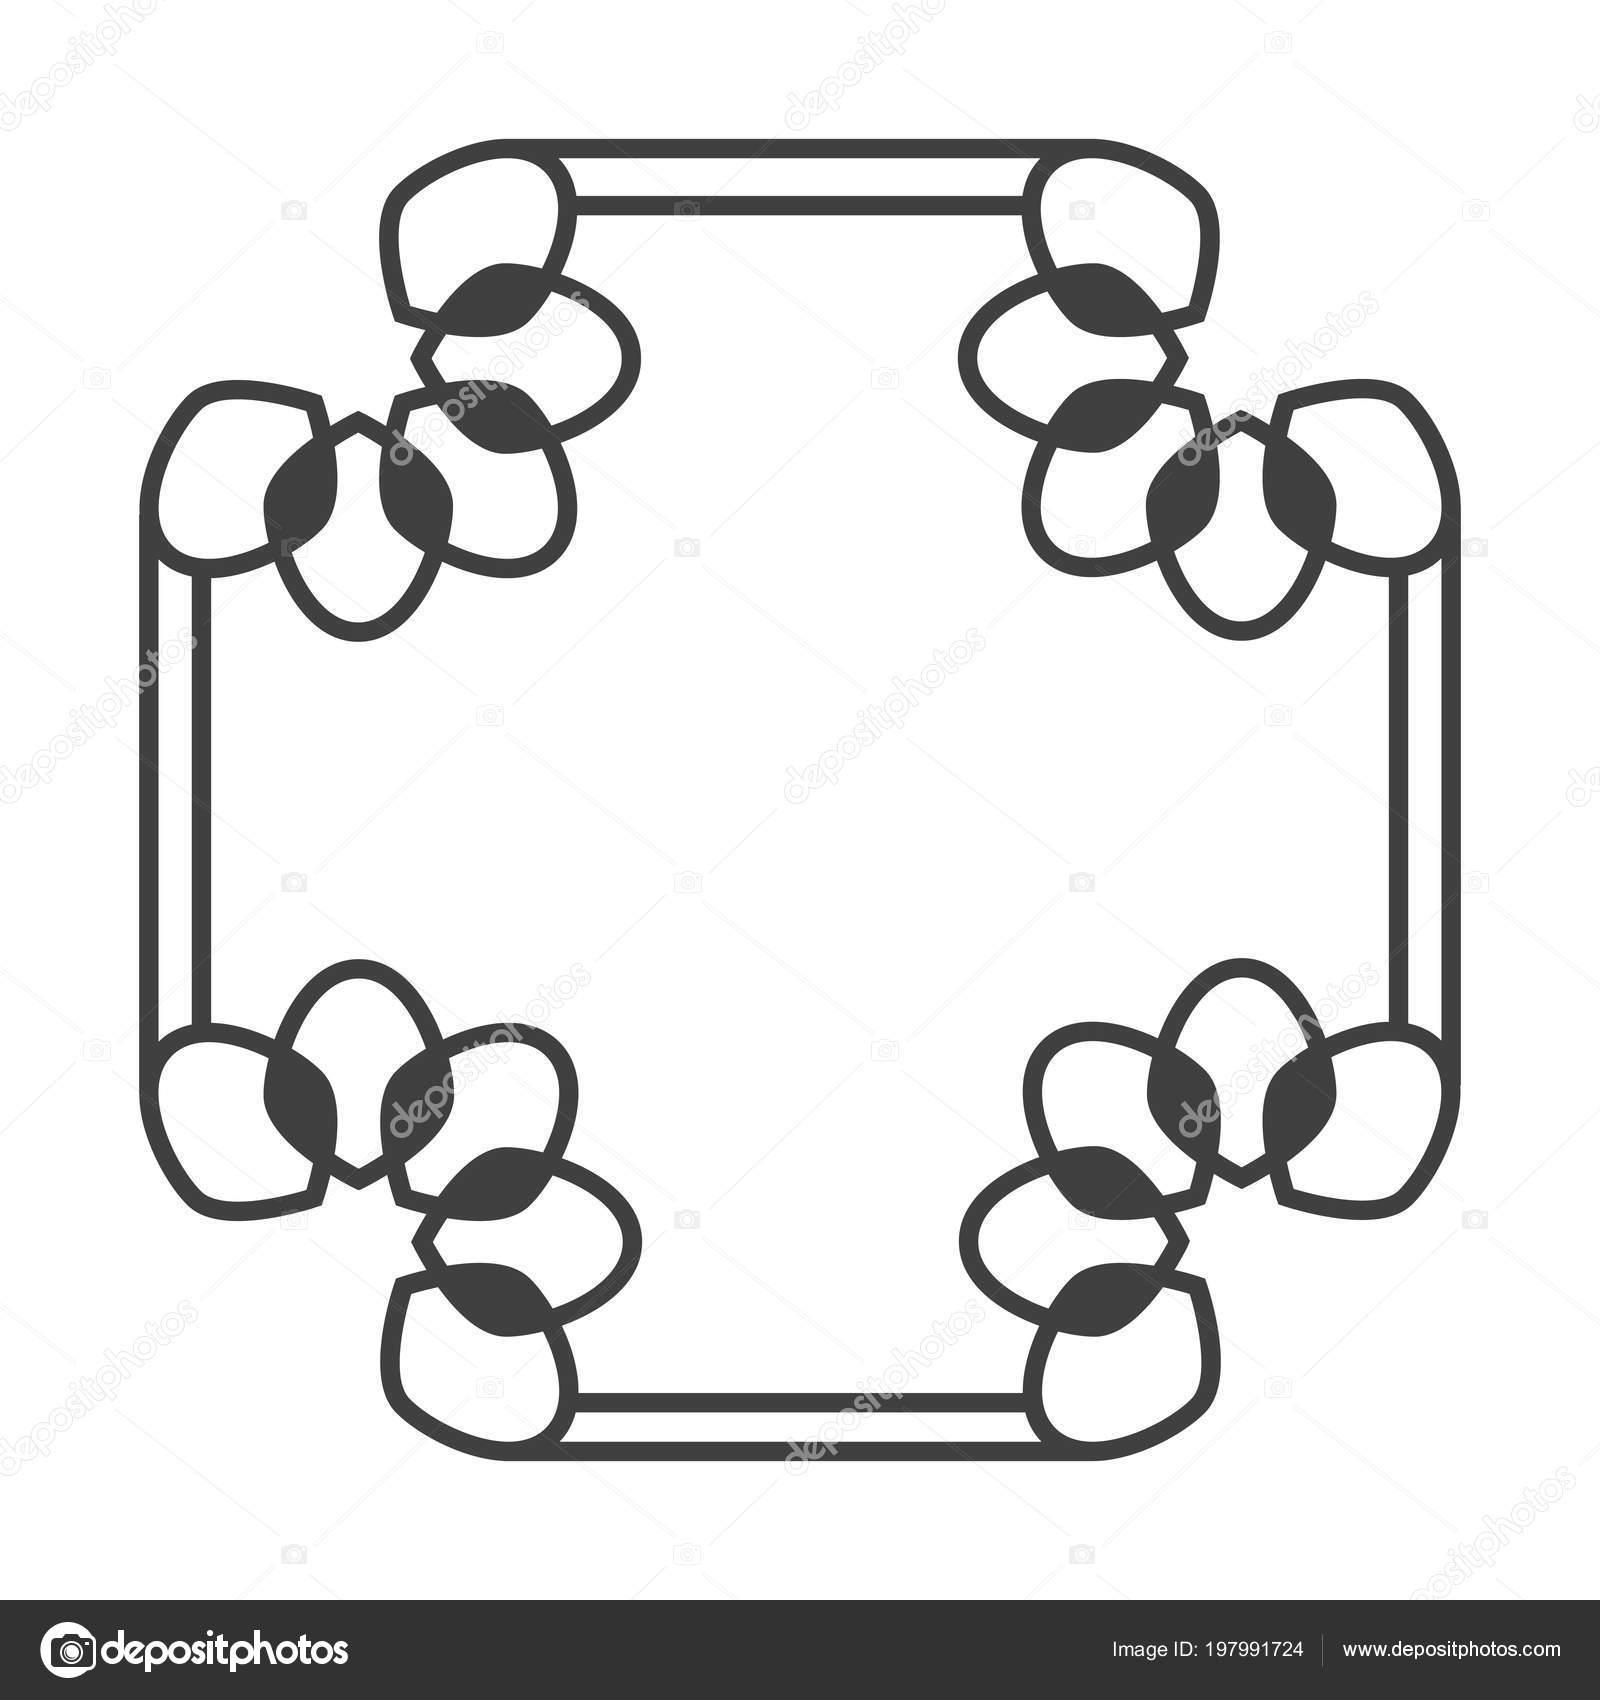 Cuadrados retro marco asiático vector en blanco y negro — Archivo ...